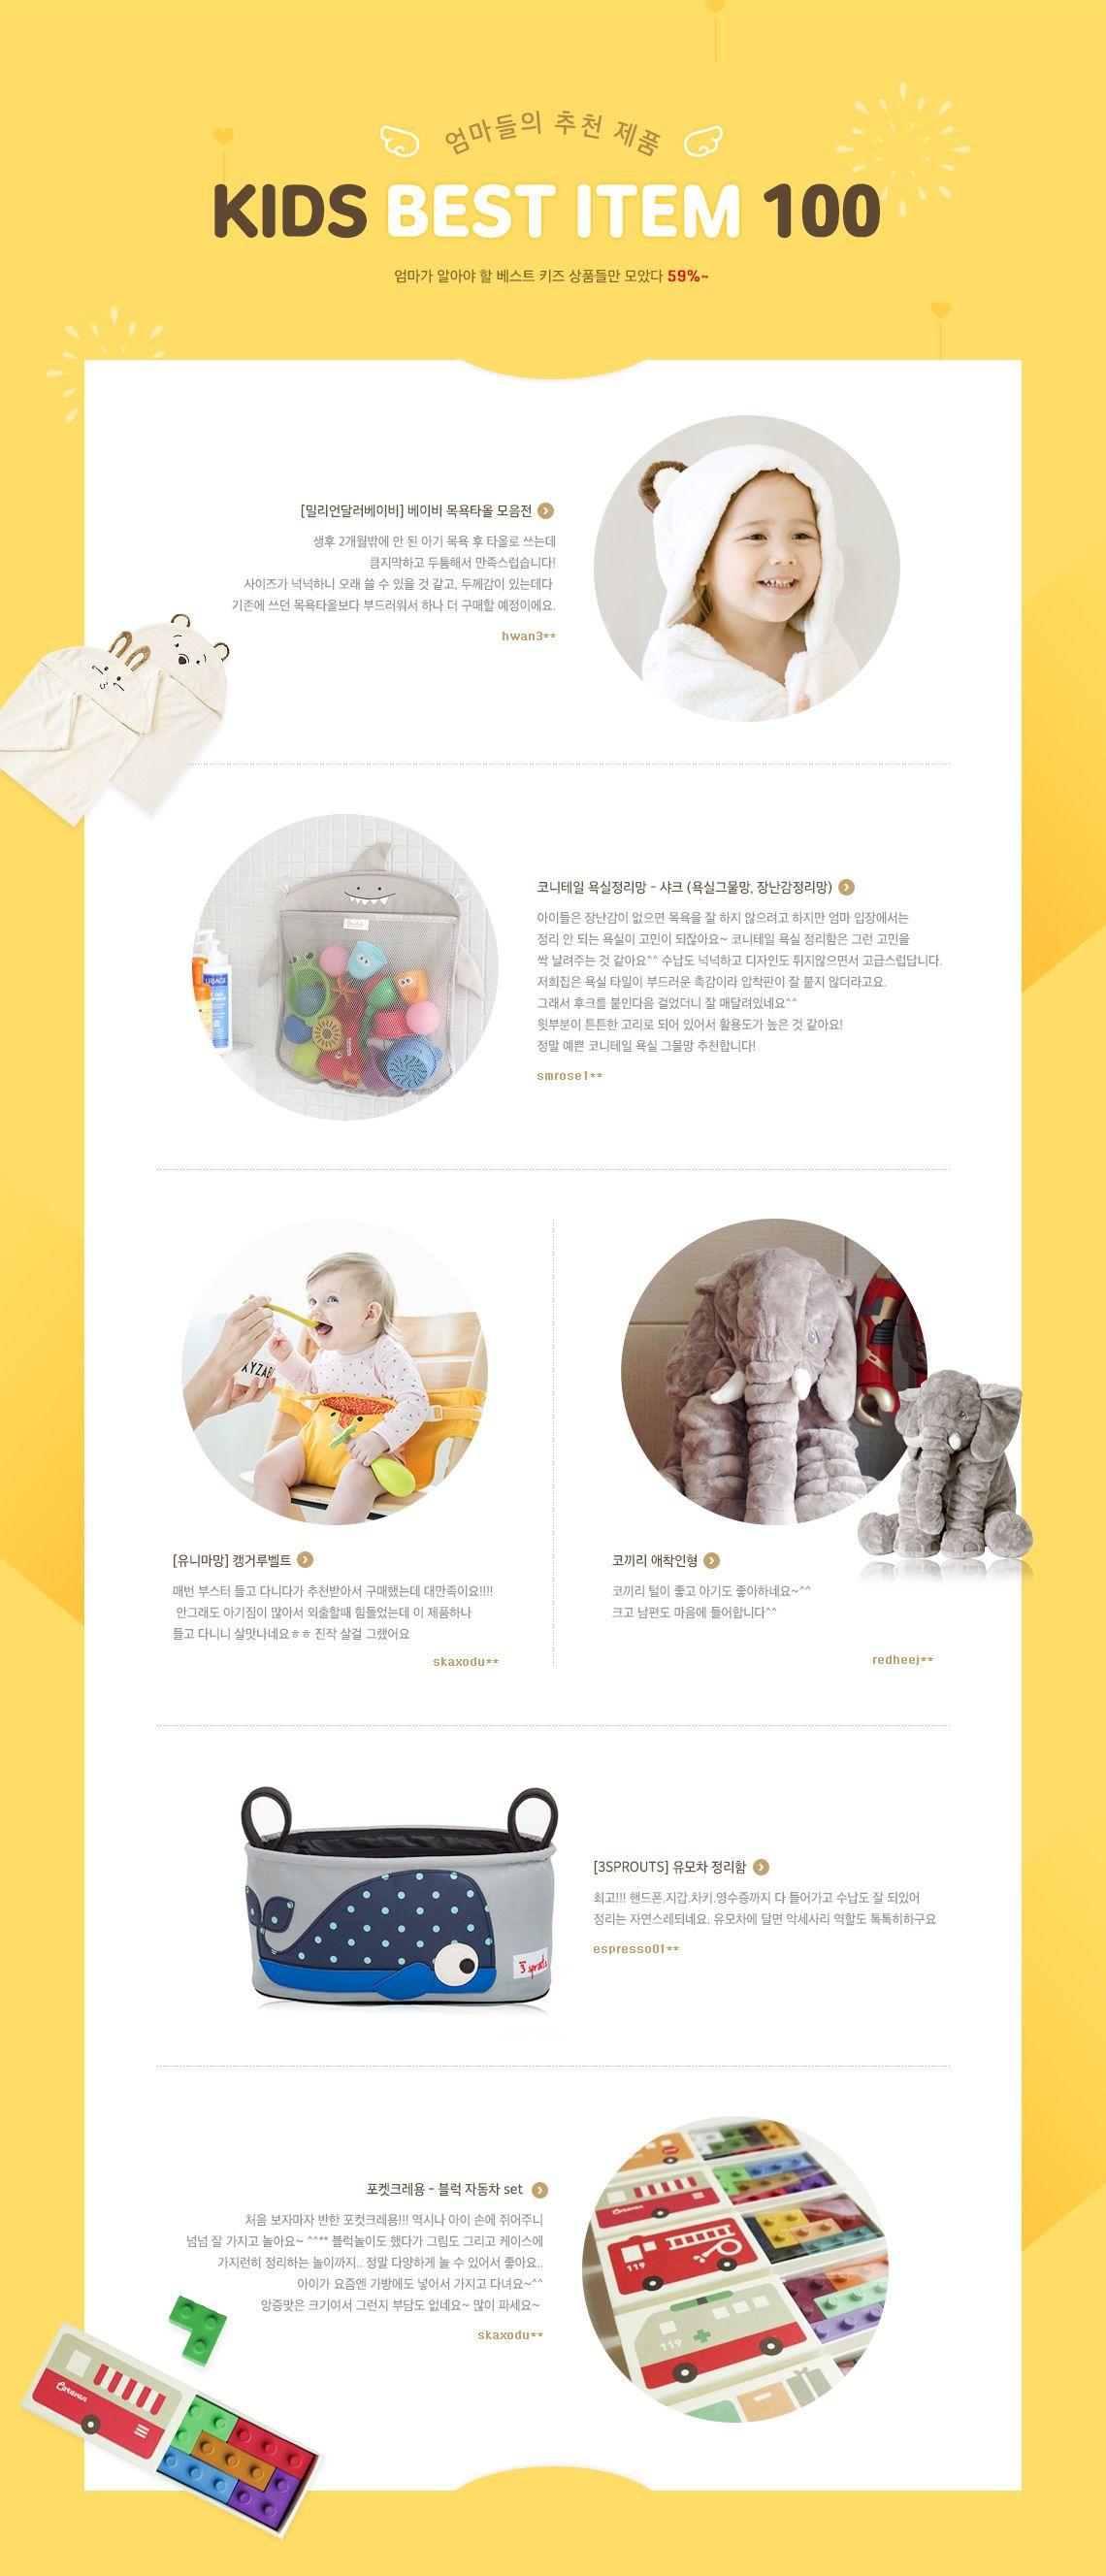 텐바이텐 10x10 엄마들의 추천 제품 Kids Best Item 100 웹디자인 제품 배너